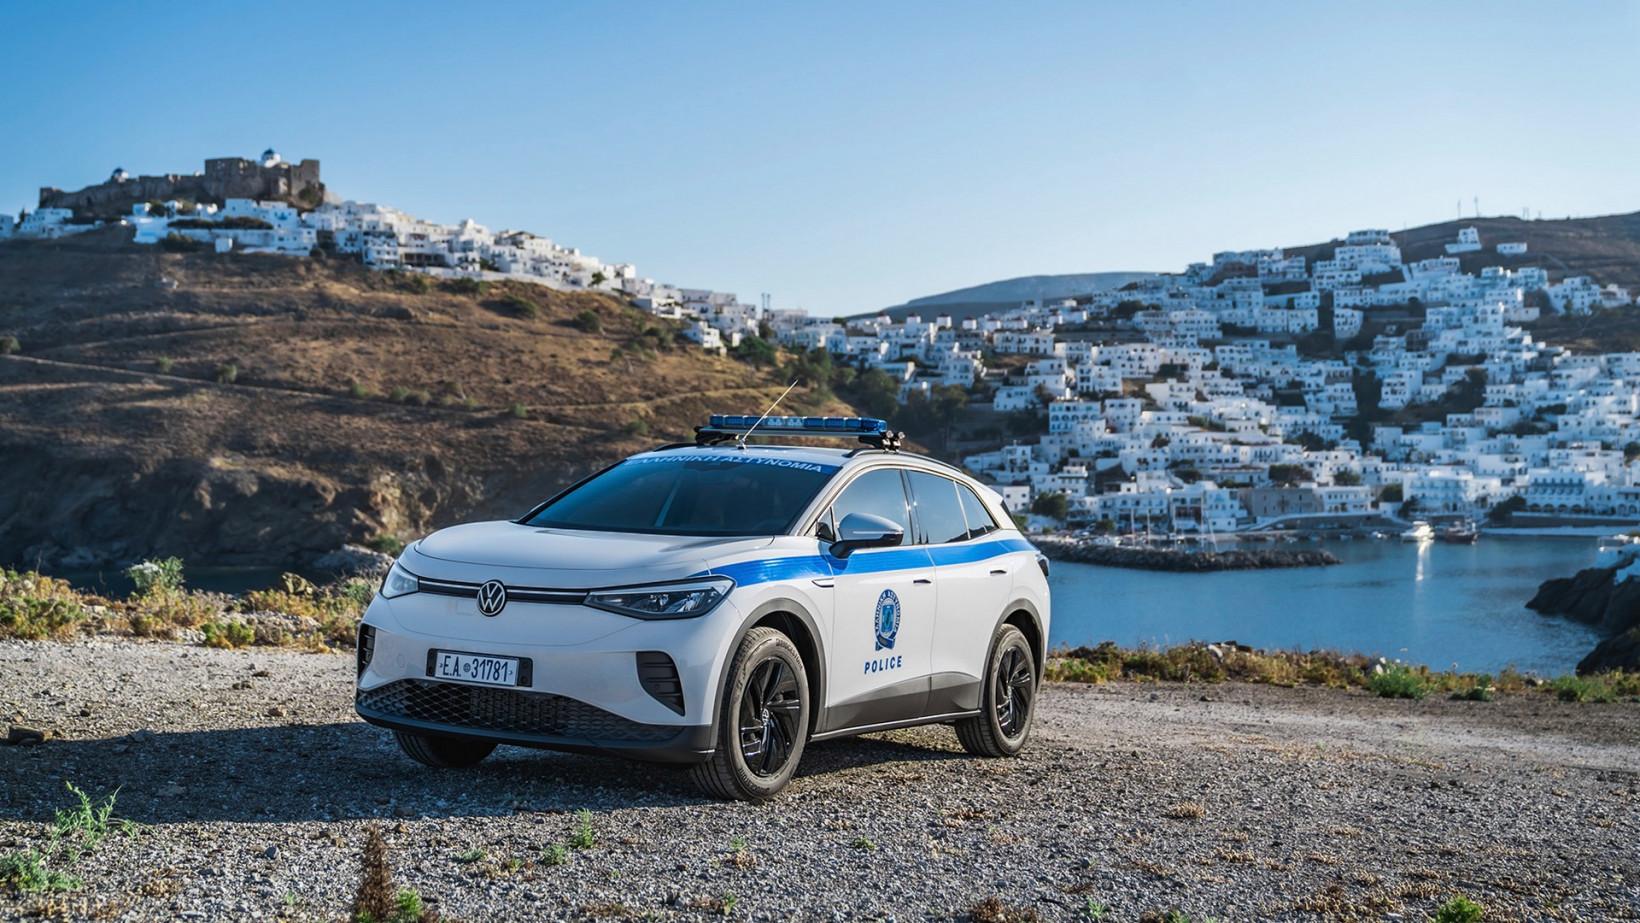 Η Astypalea θα διαθέτει έναν πλήρως ηλεκτρικό στόλο ηλεκτροκίνητων οχημάτων